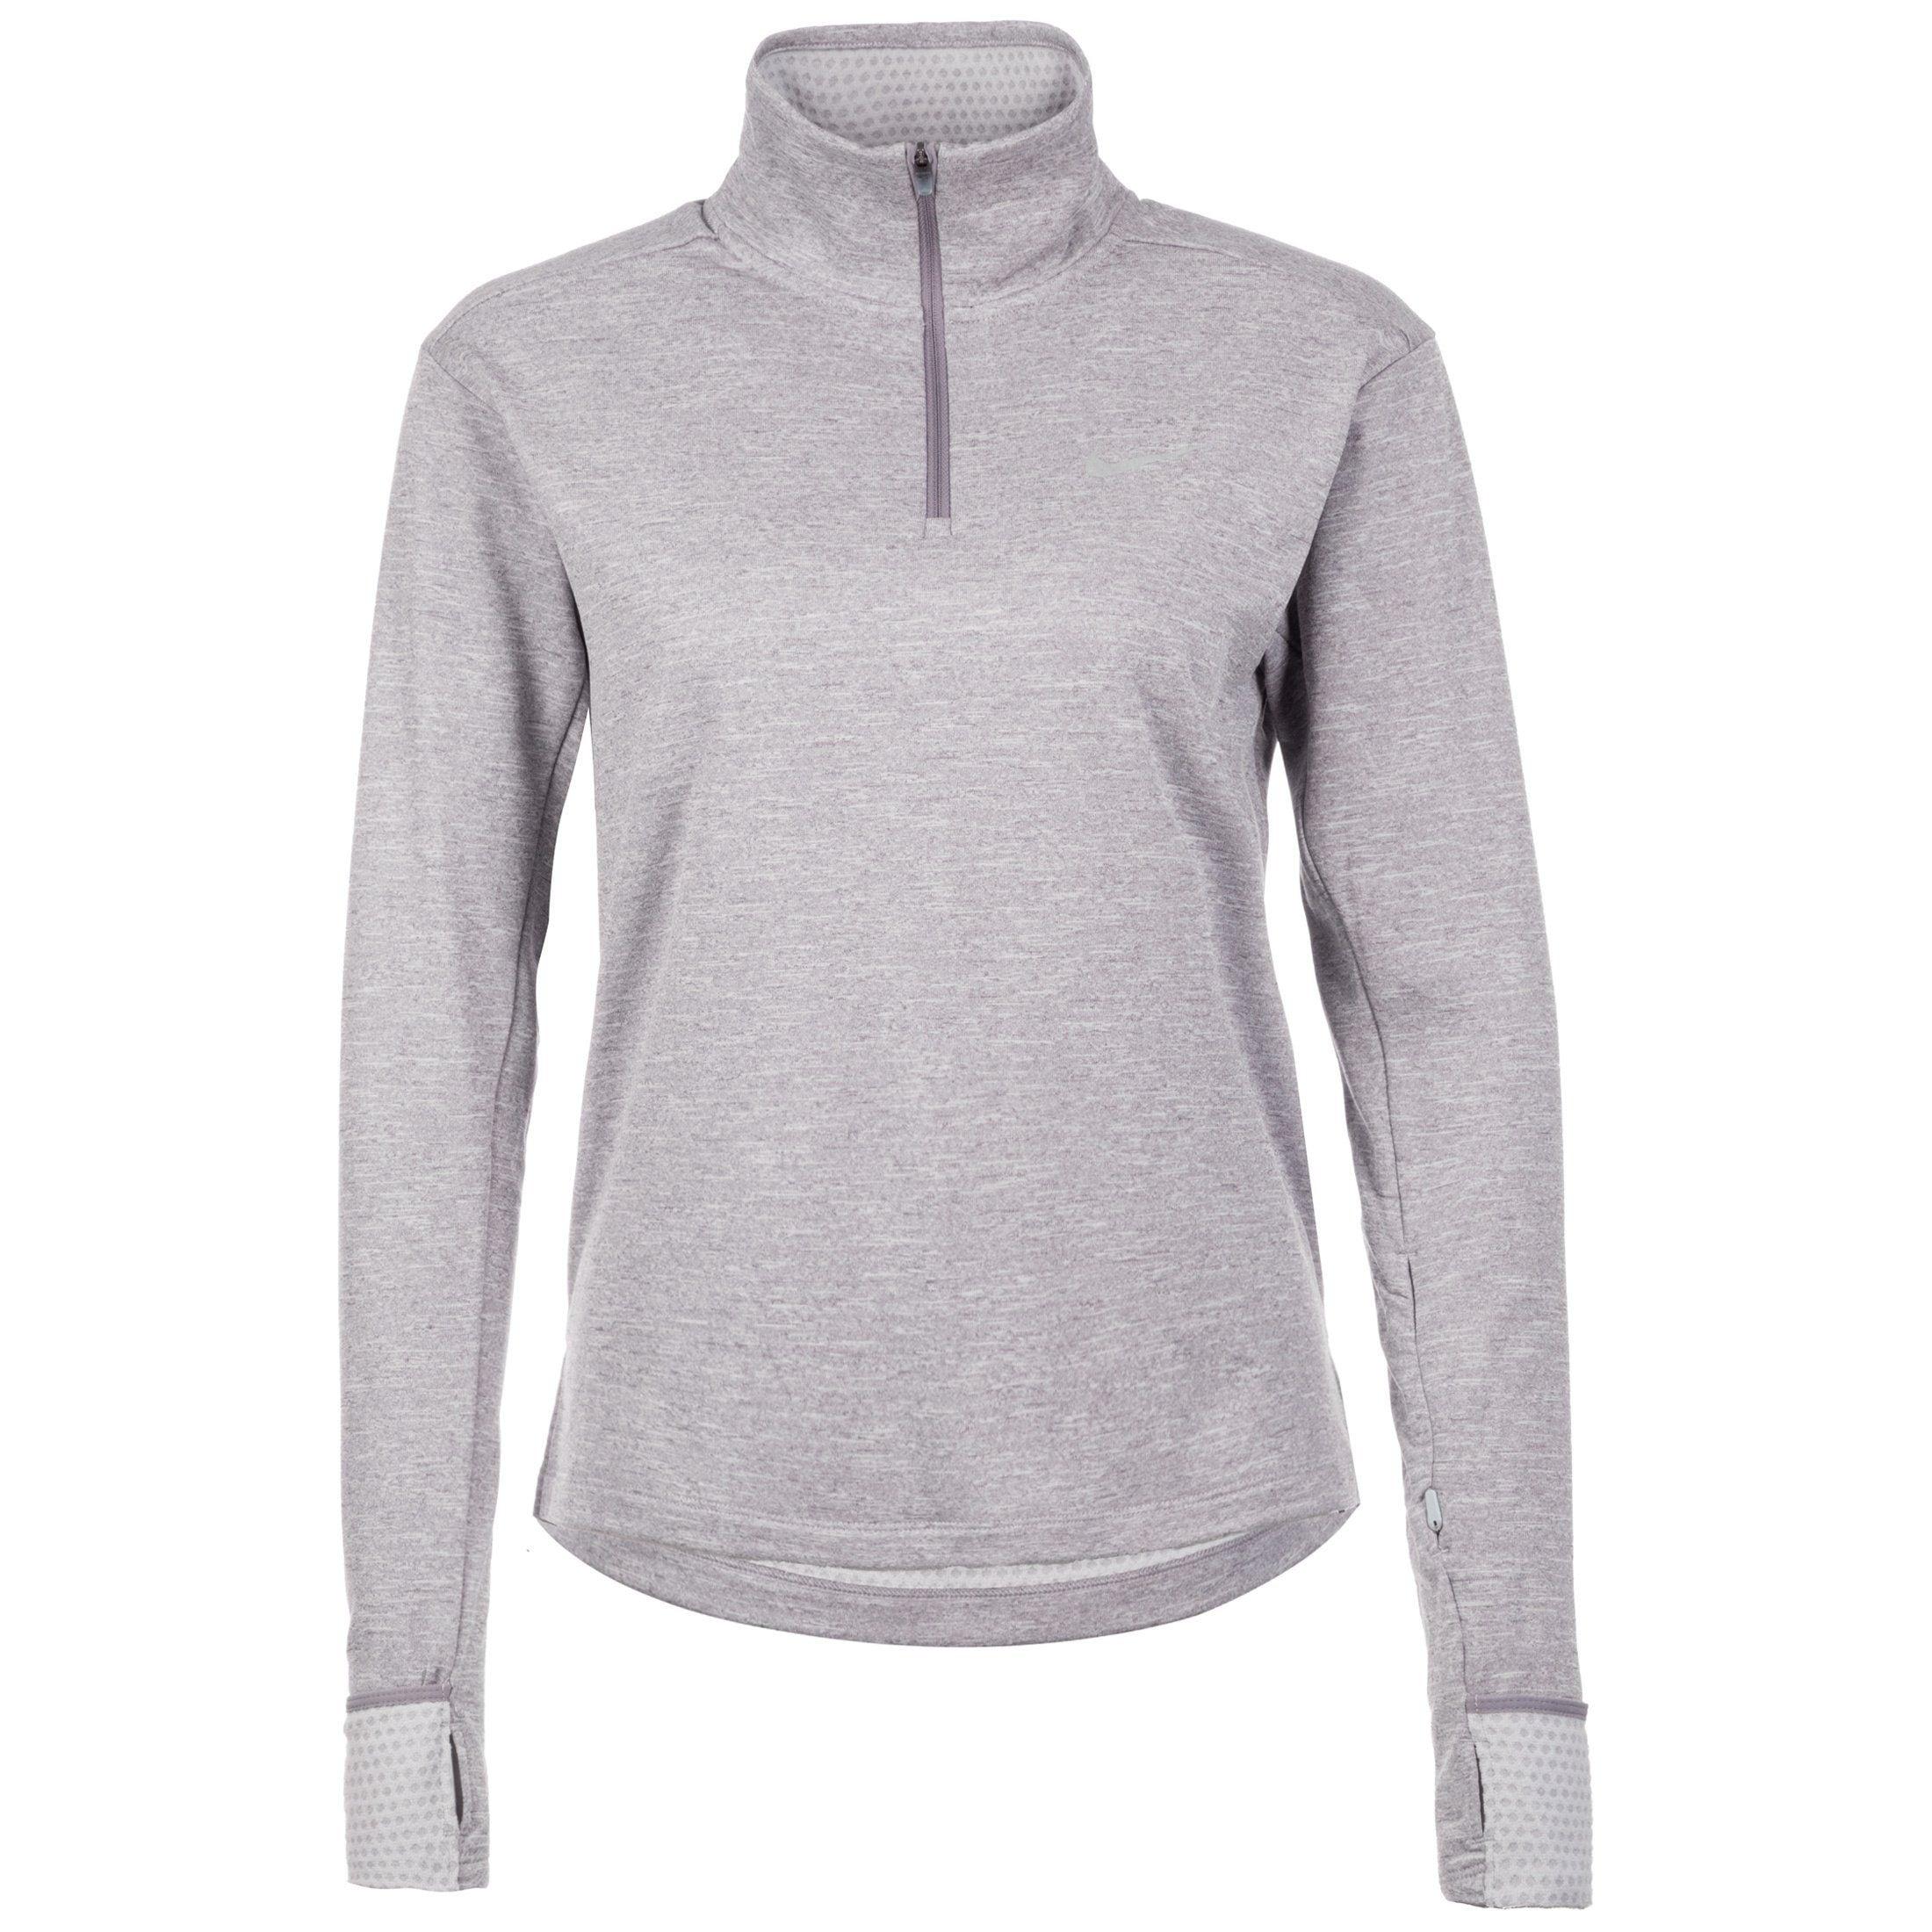 Nike Laufshirt Therma Sphere Half-zip | Sportbekleidung > Sportshirts > Laufshirts | Grau | Nike